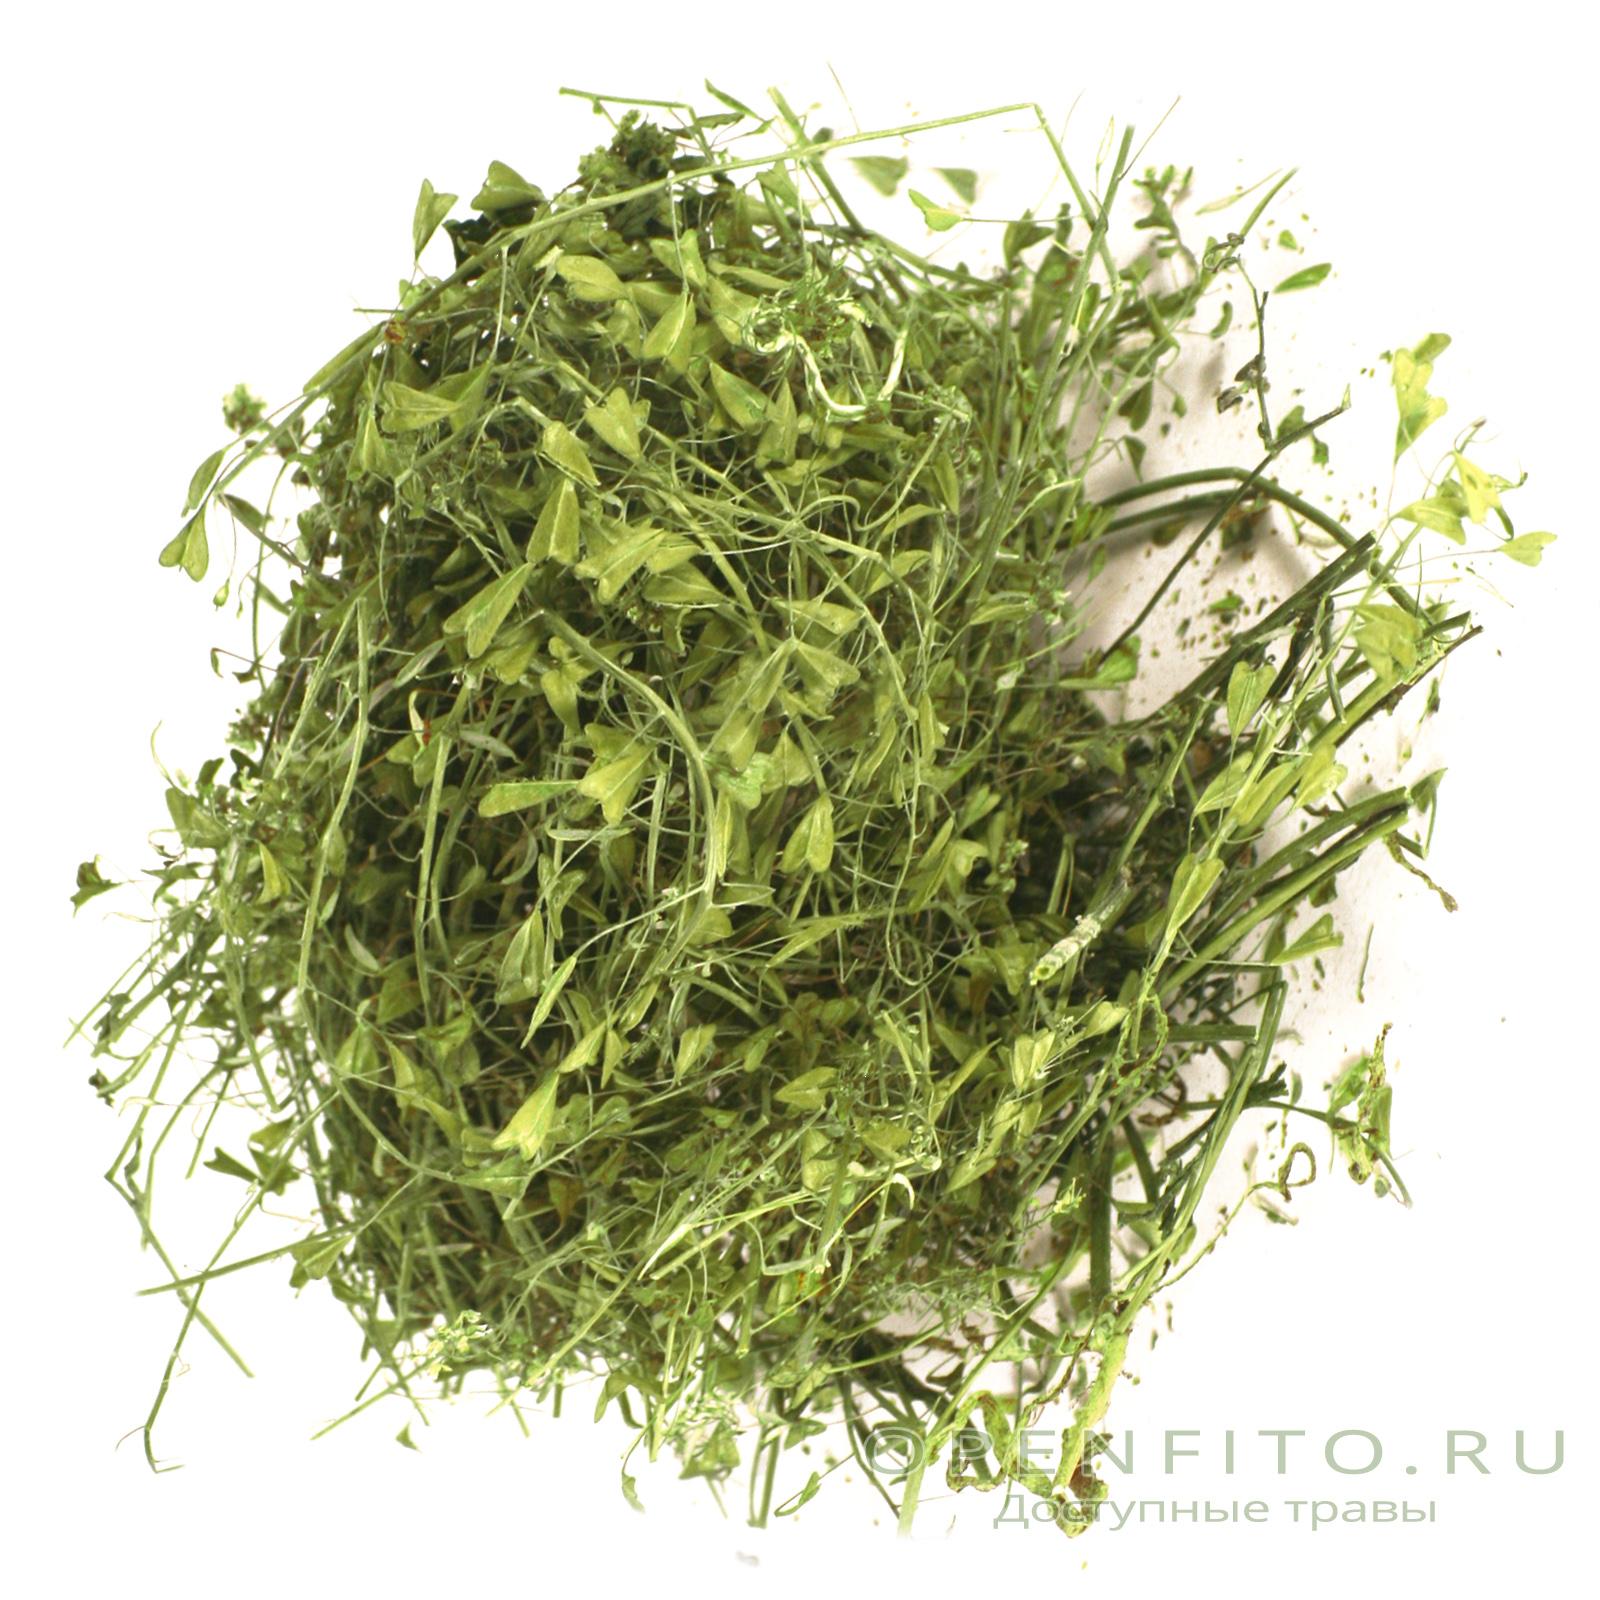 f3c9e4c76812 Купить траву пастушья сумка